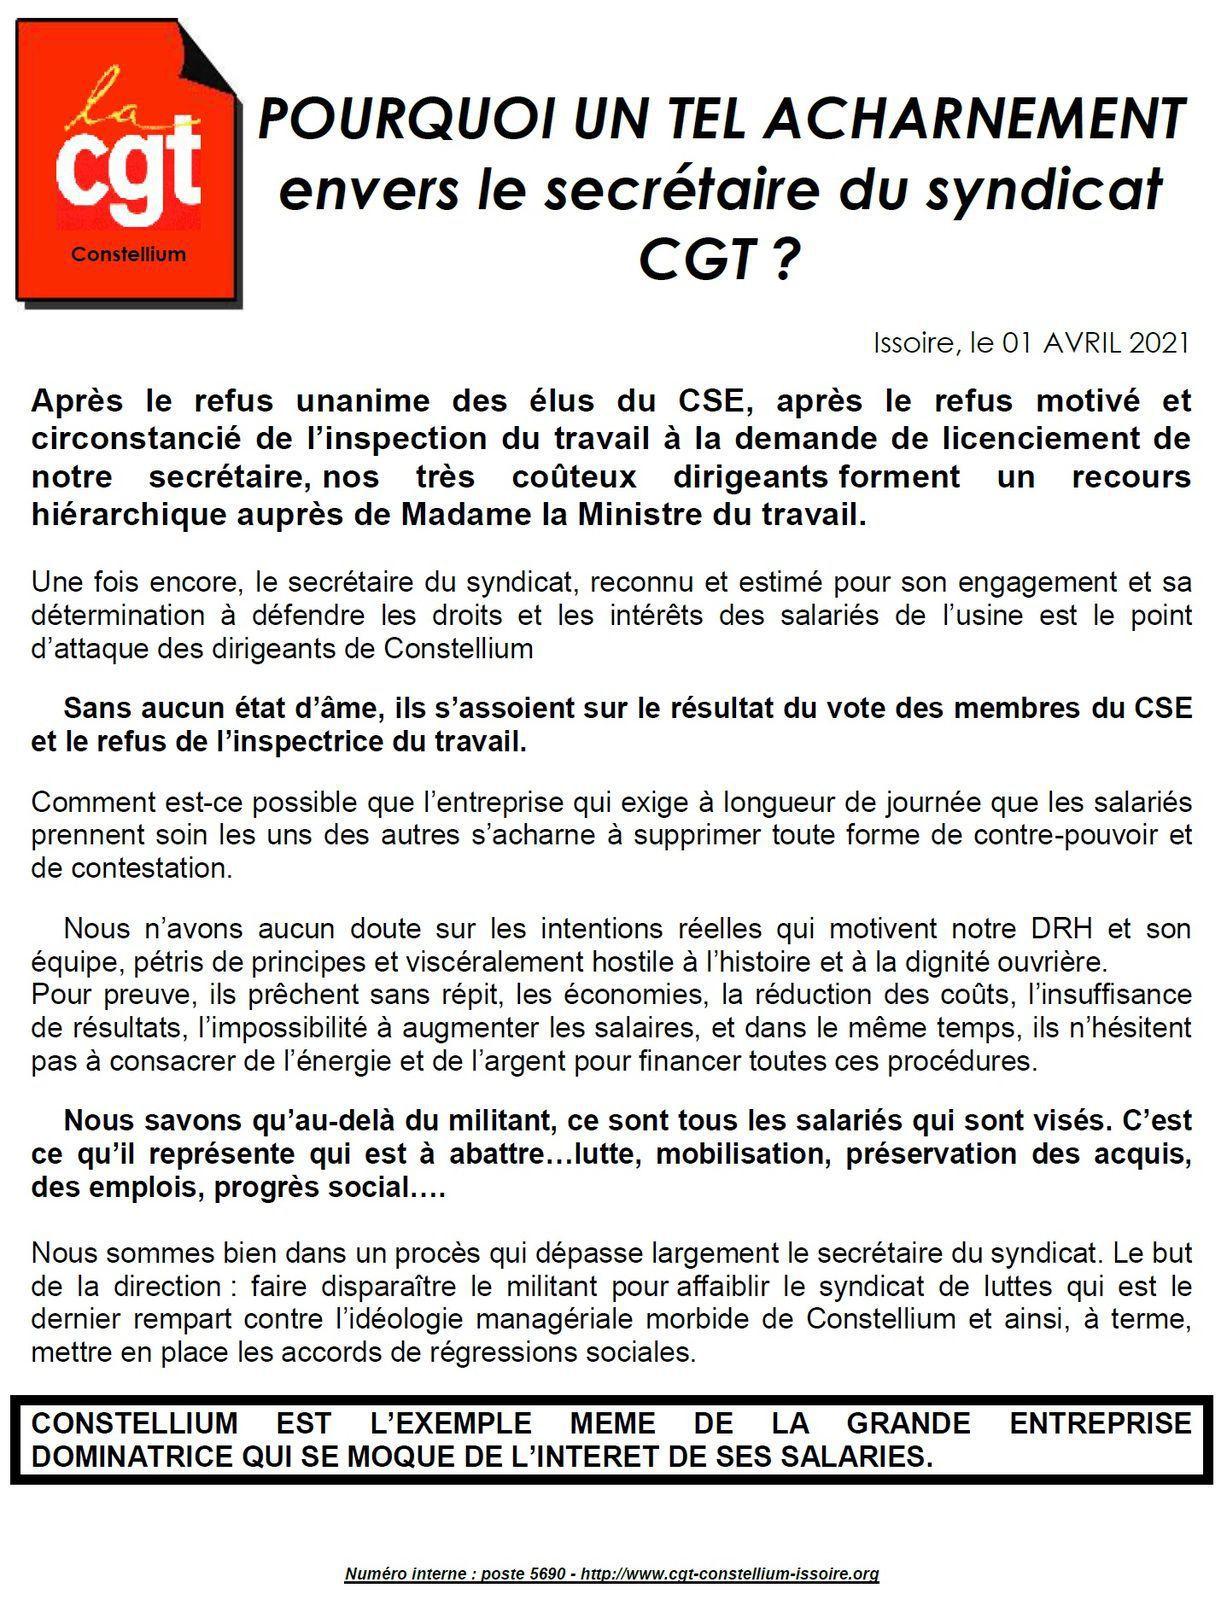 CONSTELLIUM à Issoire (Puy-de-Dôme) : acharnement anti-CGT RASSEMBLEMENT le 7 AVRIL !